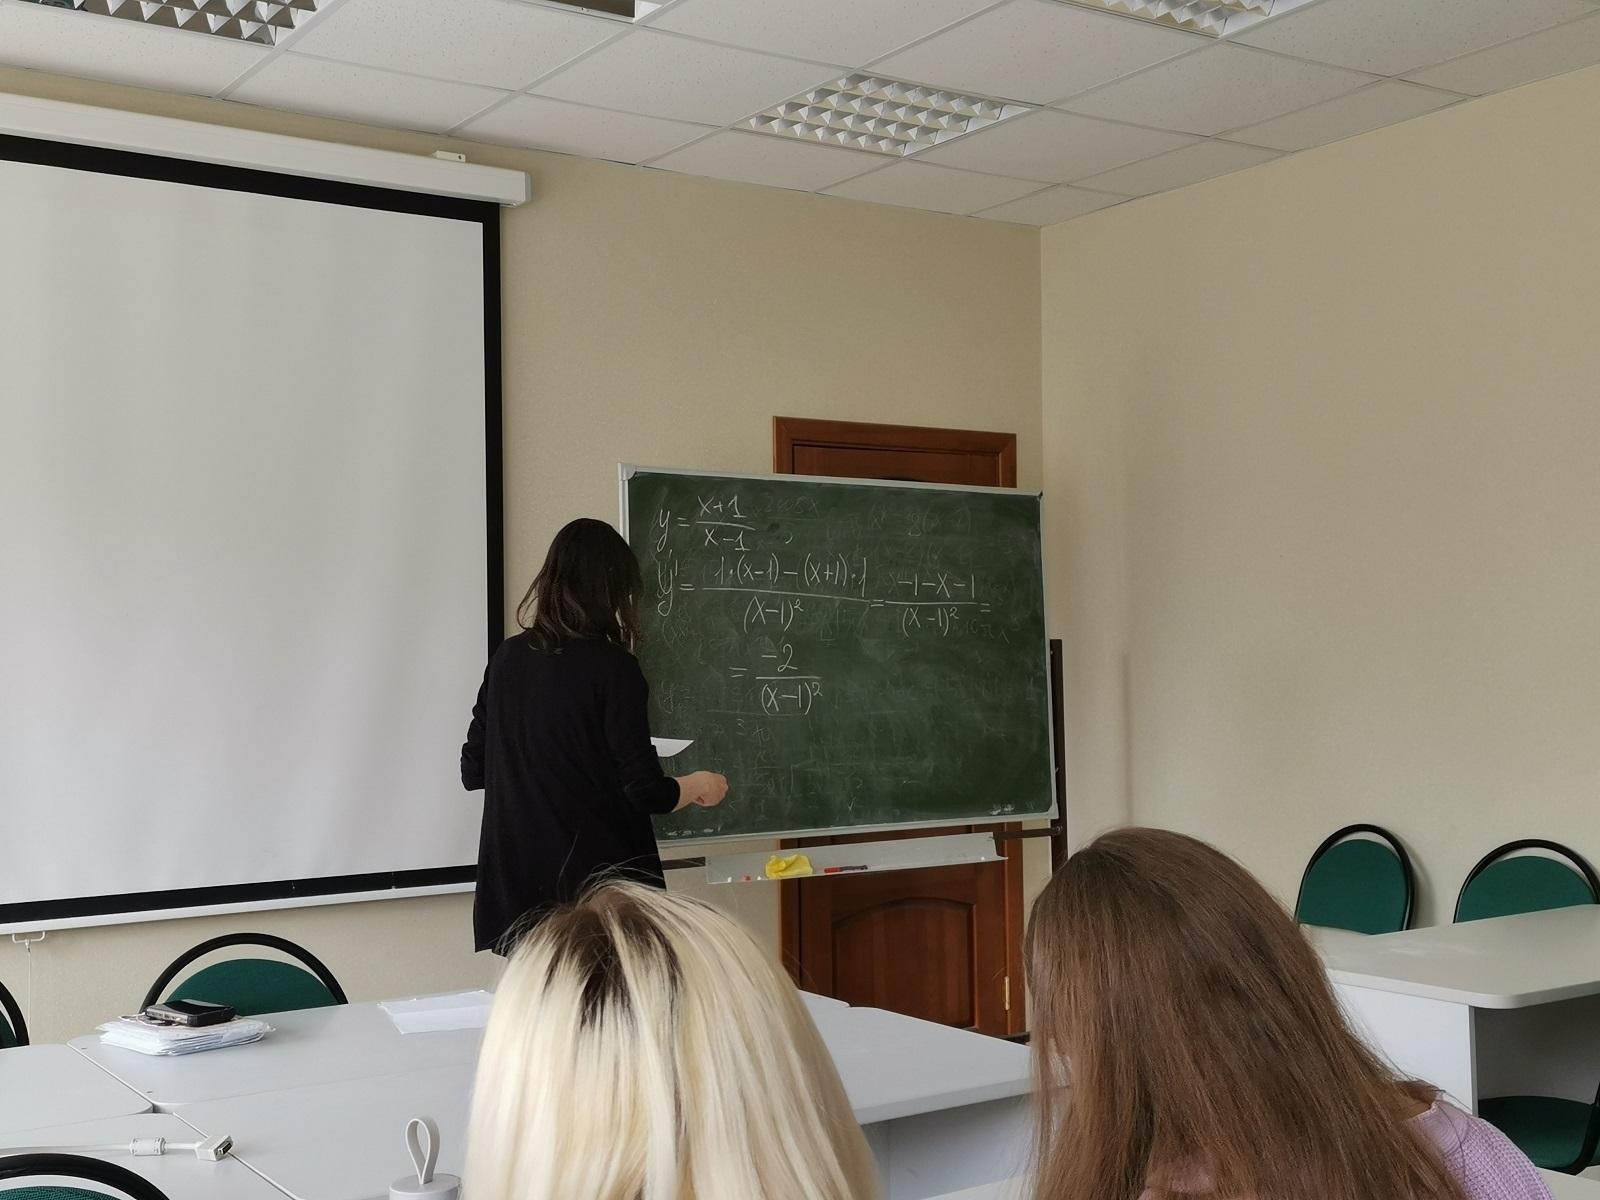 乌拉尔联邦大学留学生讲述真实的俄罗斯留学生活插图18-小狮座俄罗斯留学